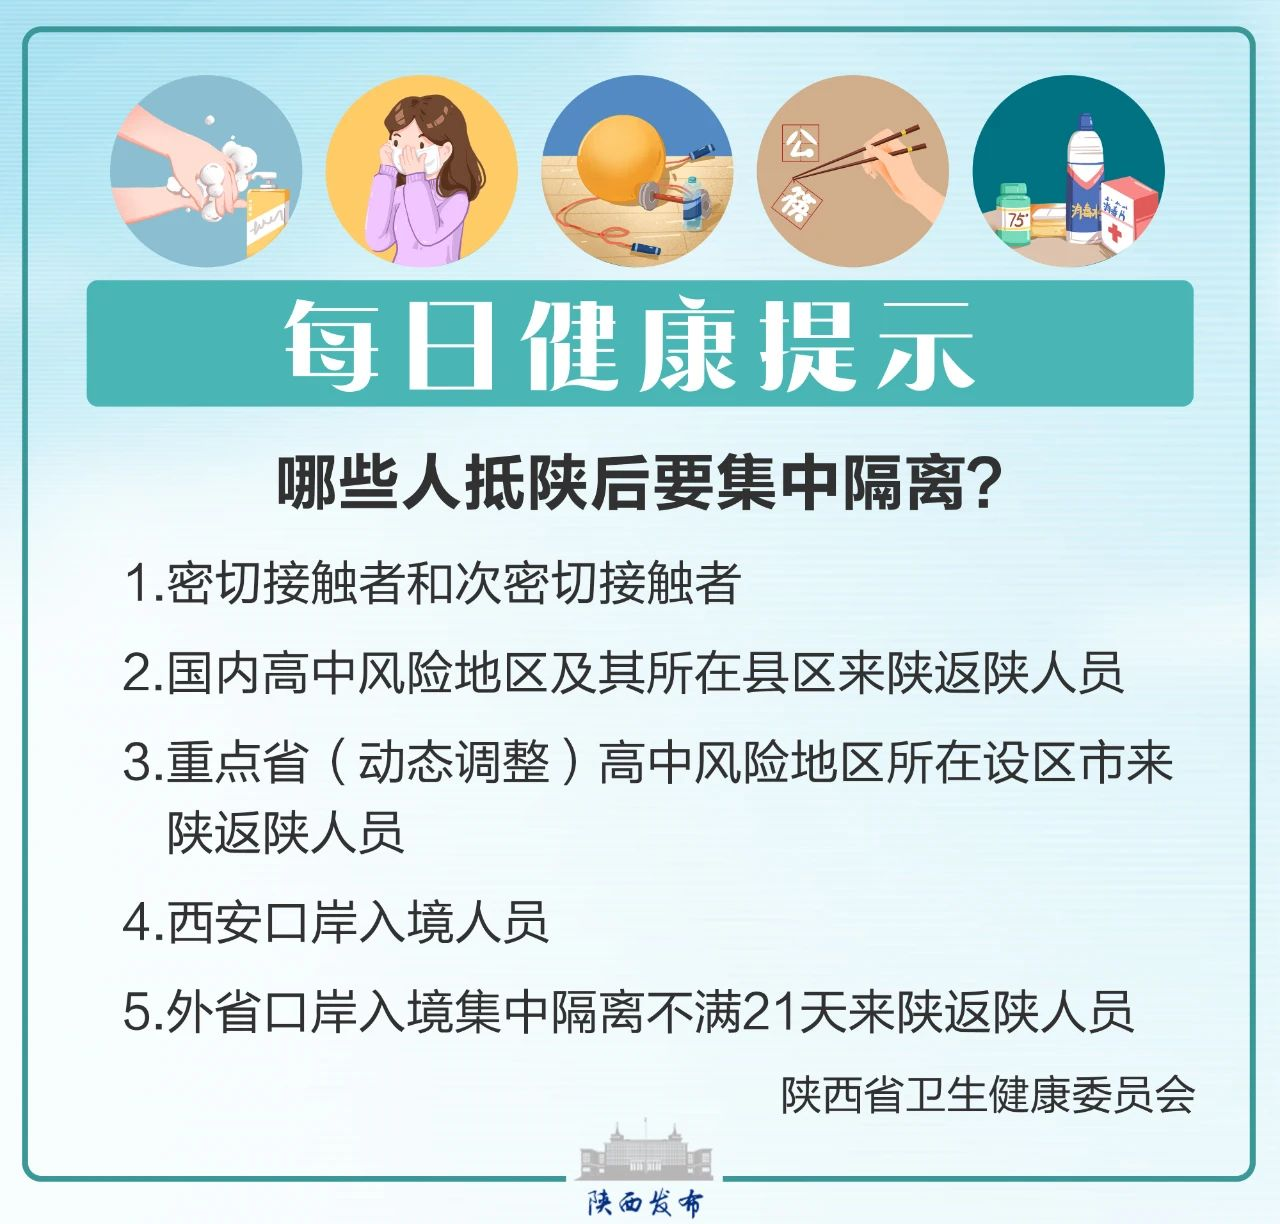 每日健康提示 | 哪些人抵陕后要集中隔离?